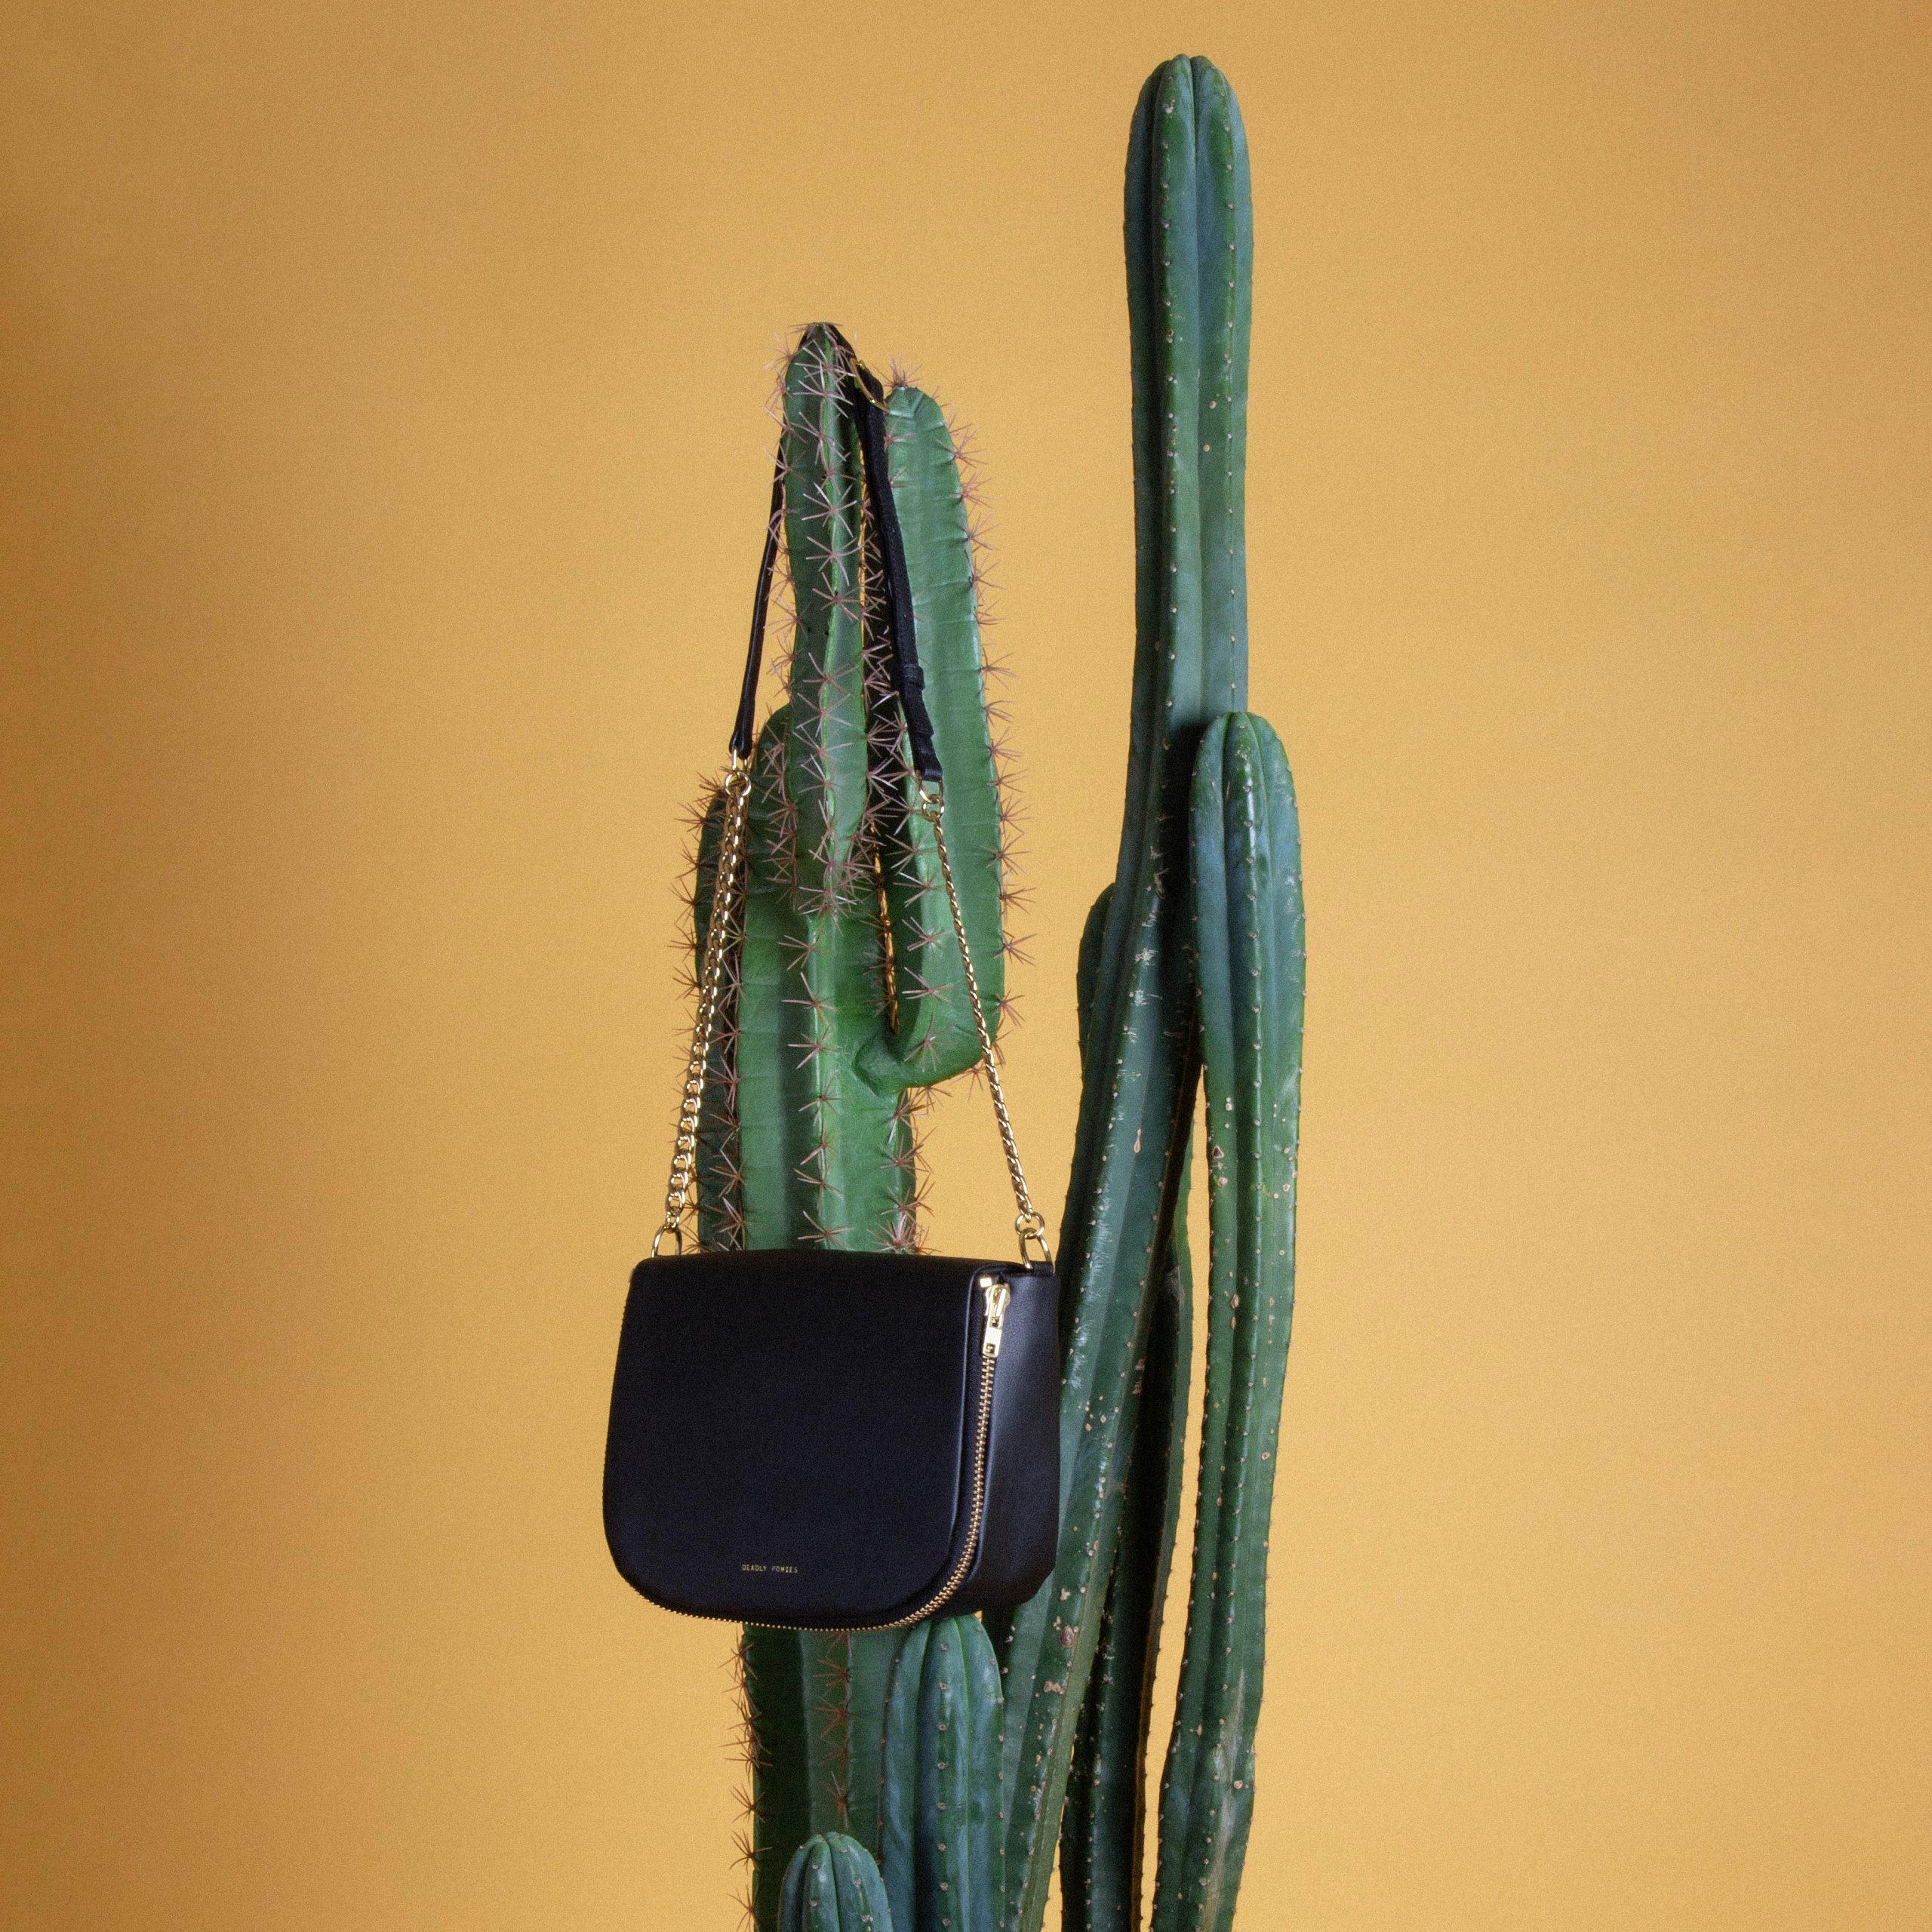 Mini-Chain-Mail-Sqaure (1)